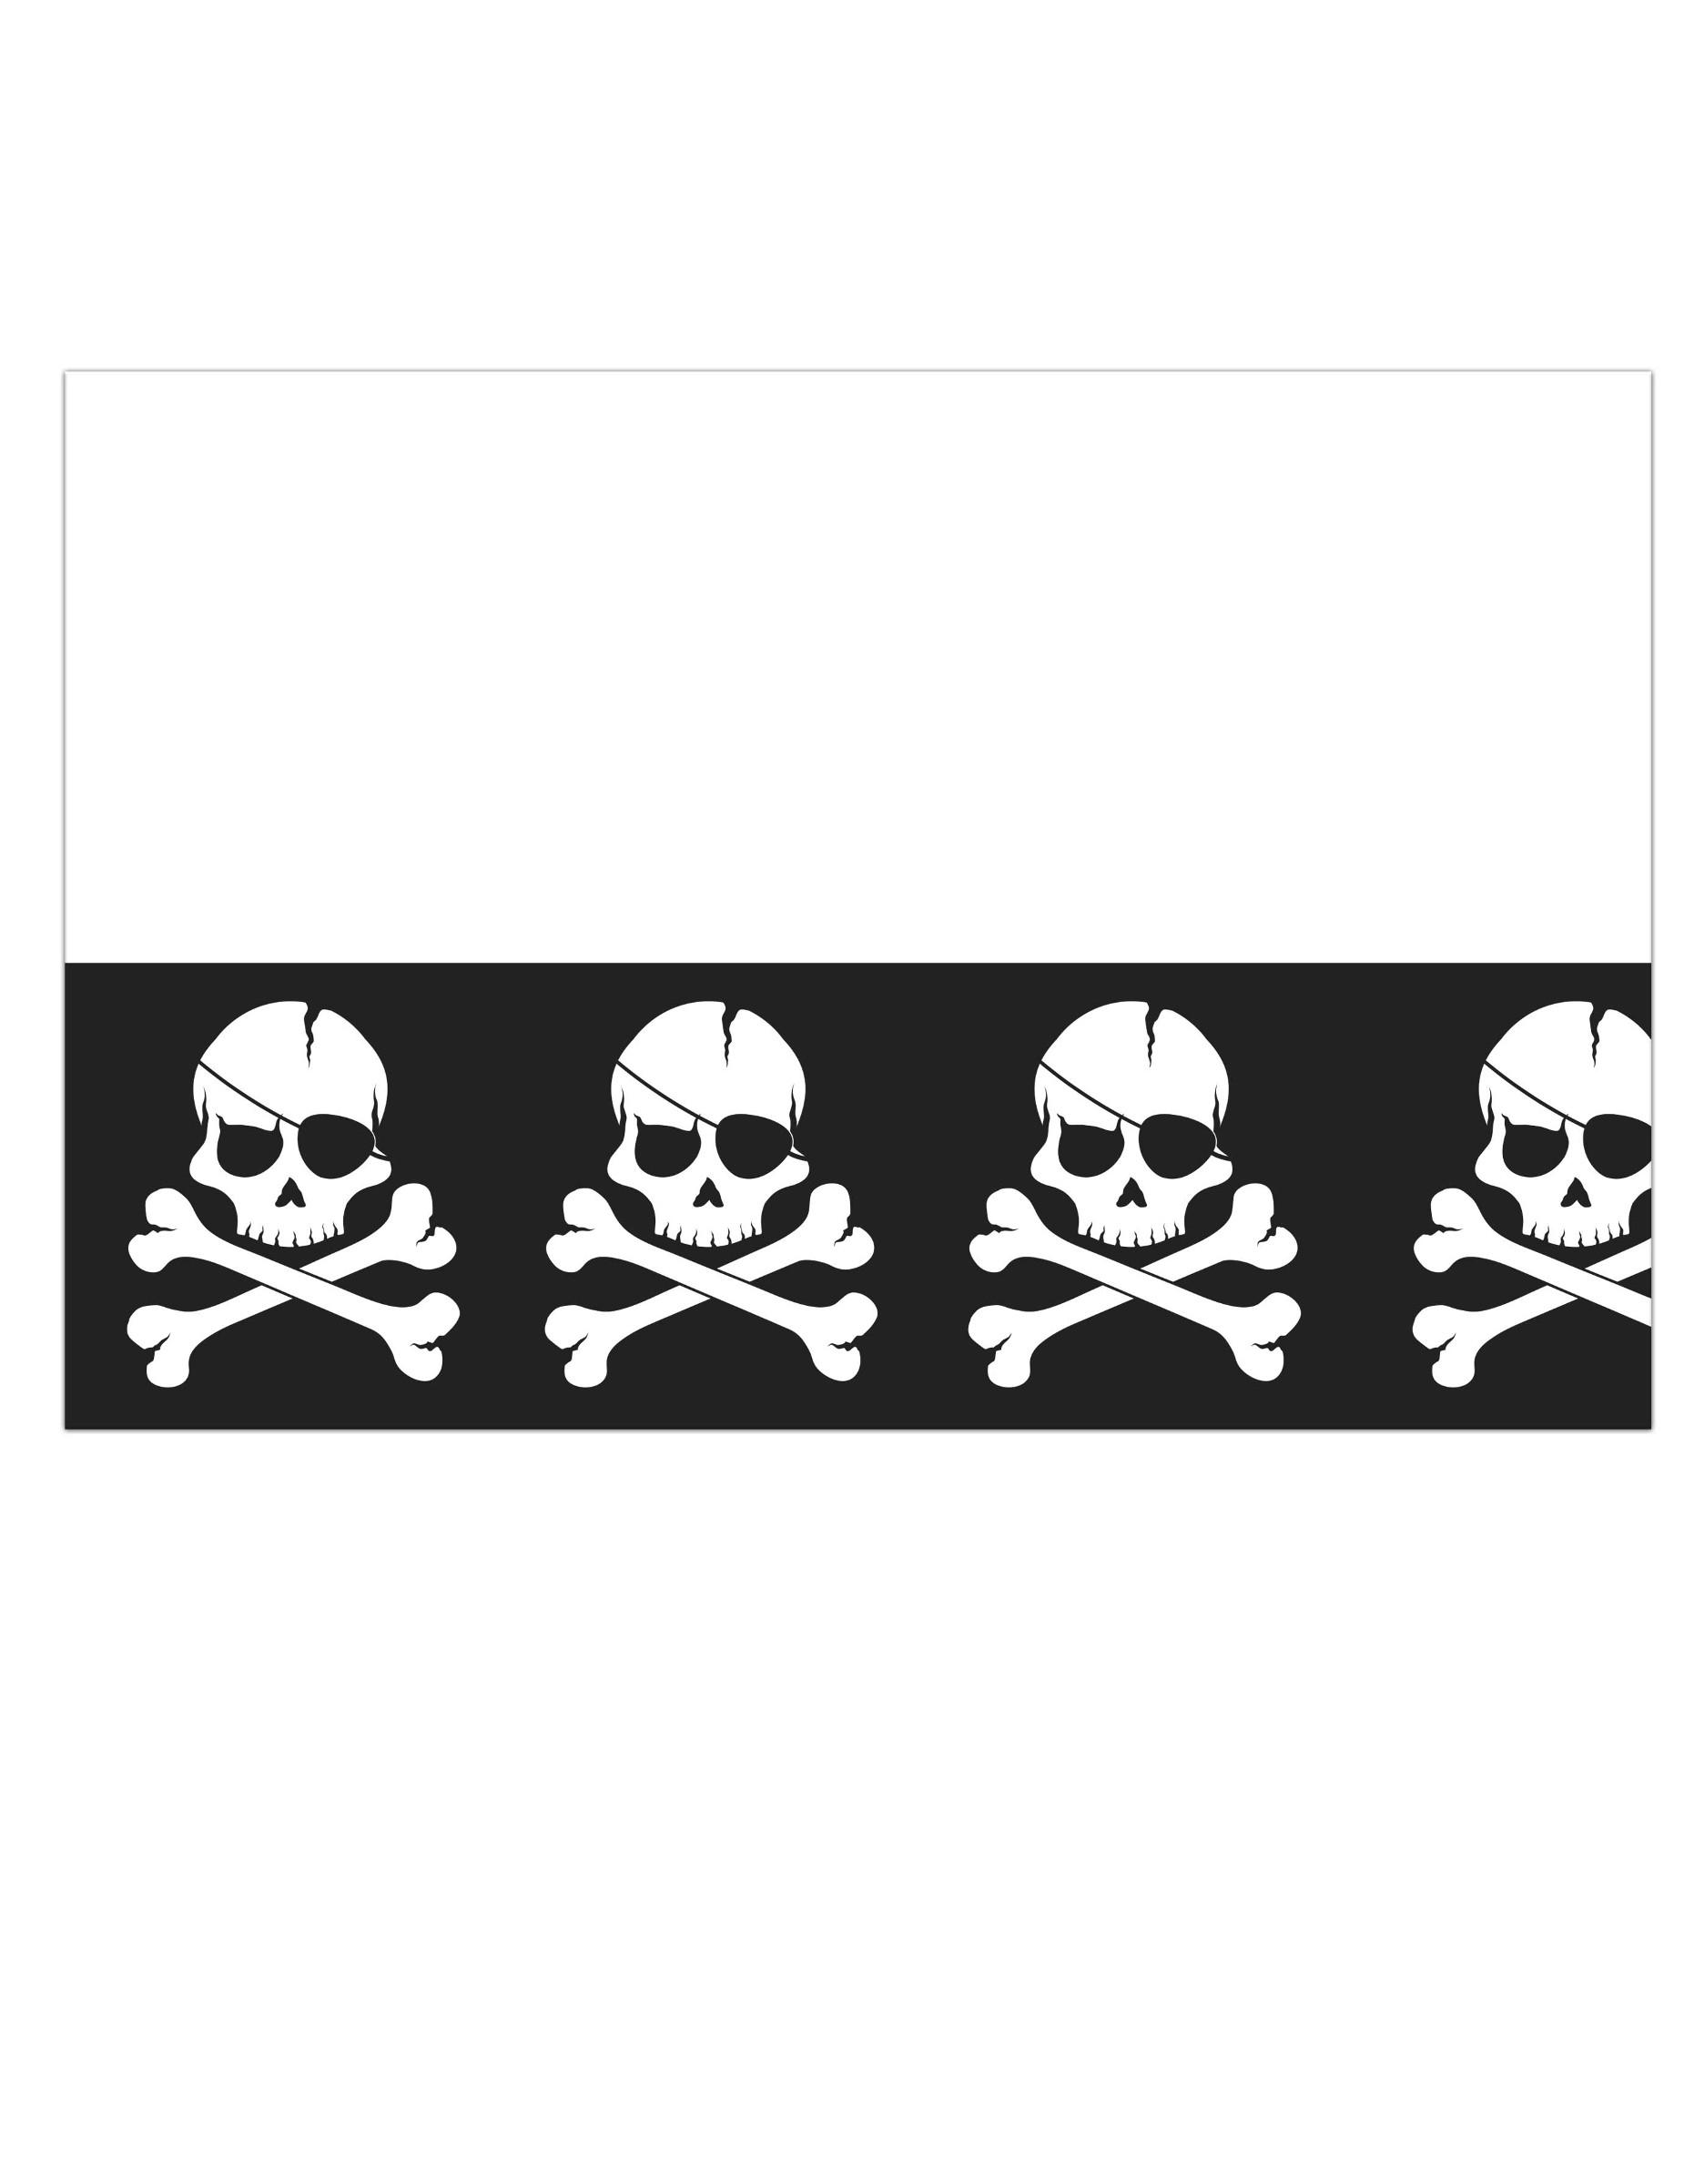 Immagini Di Teschio Pirati tovaglia in plastica nera con teschi pirata su vegaooparty, negozio di  articoli per feste